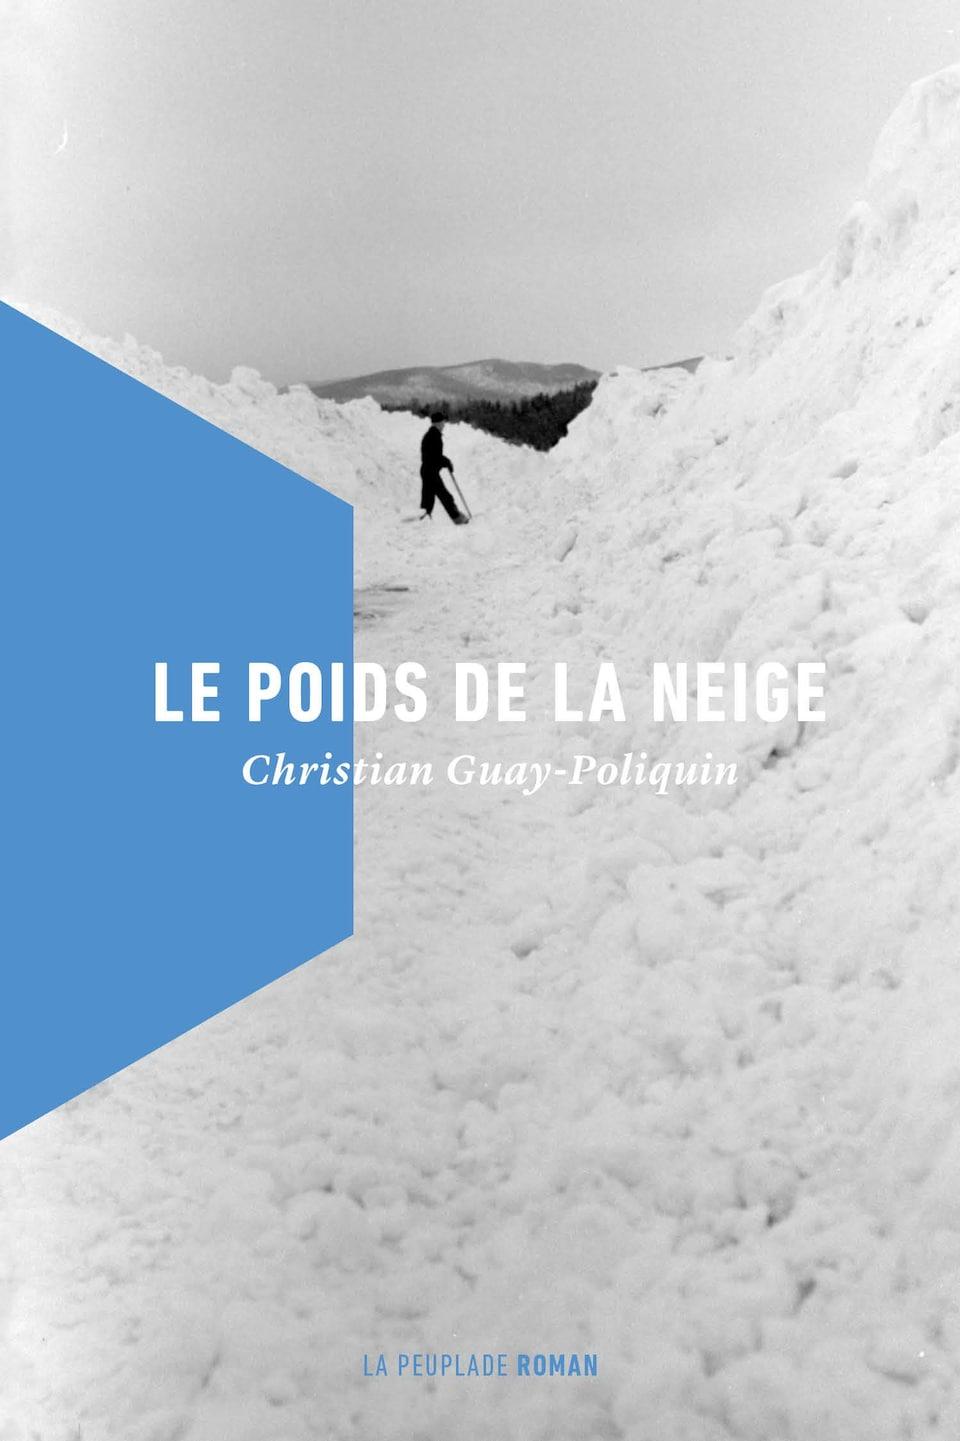 La page couverture du roman de Christian Guay-Poliquin Le poids de la neige